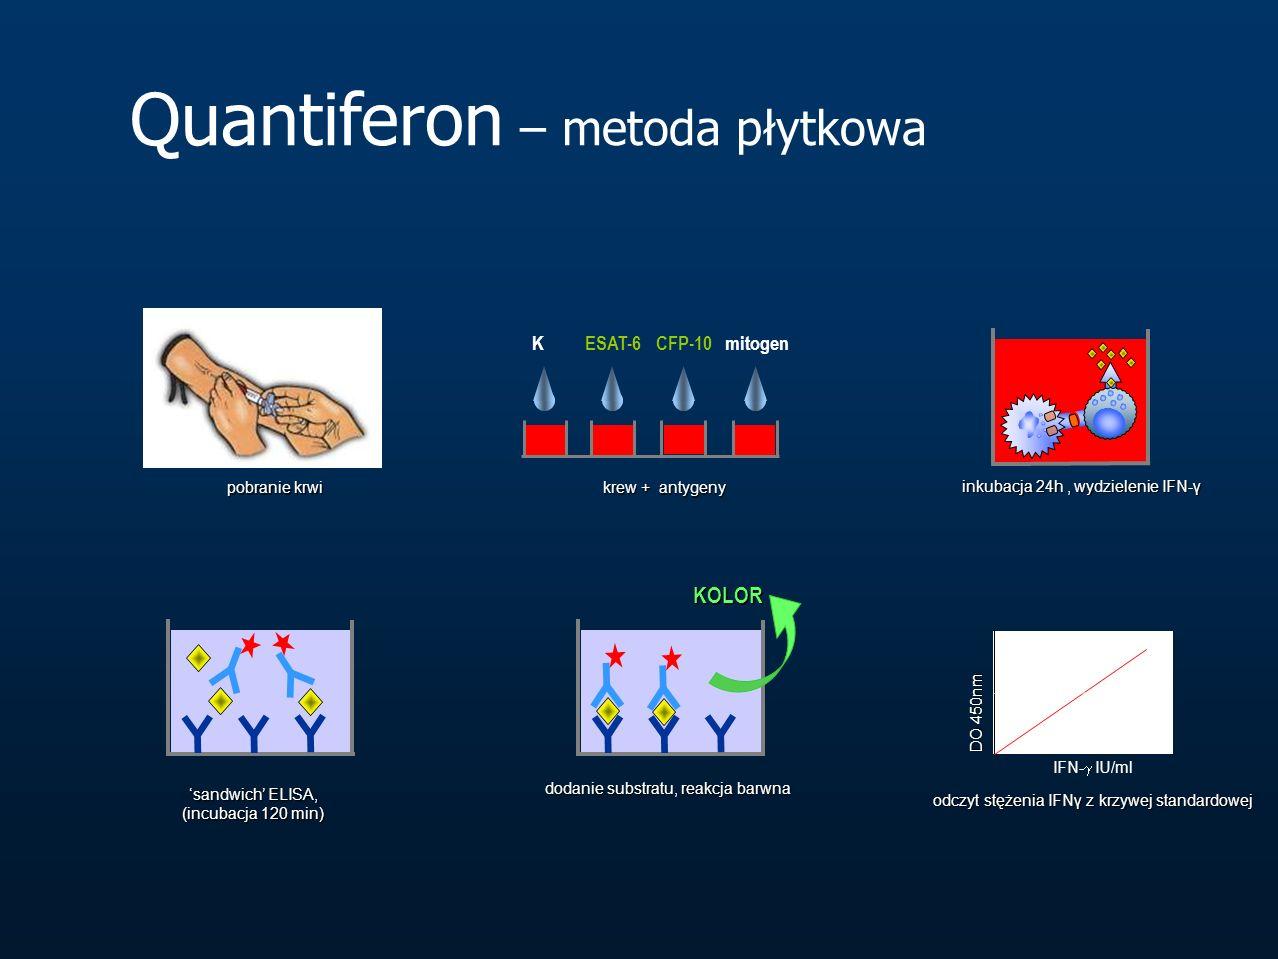 Quantiferon – metoda płytkowa